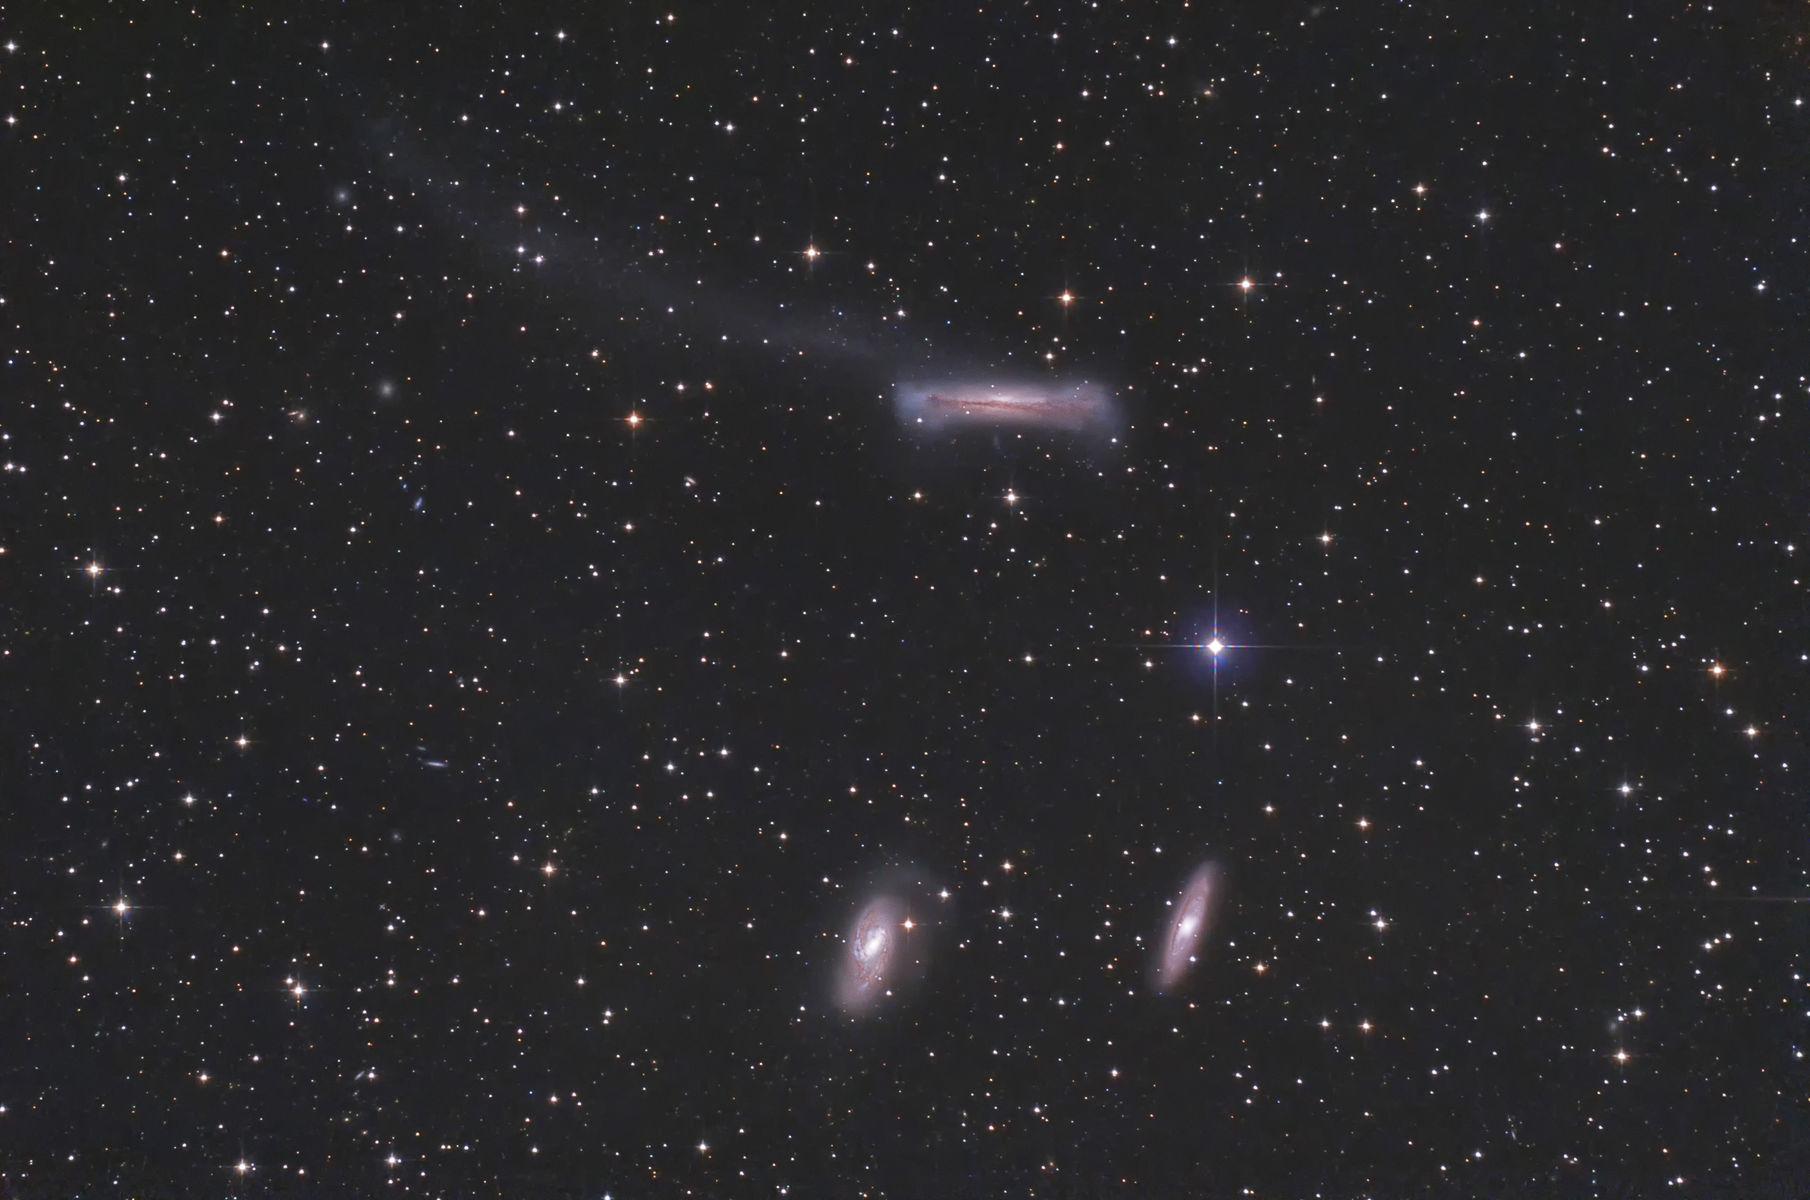 【銀河】しし座トリオ銀河と、NGC1300棒渦巻銀河